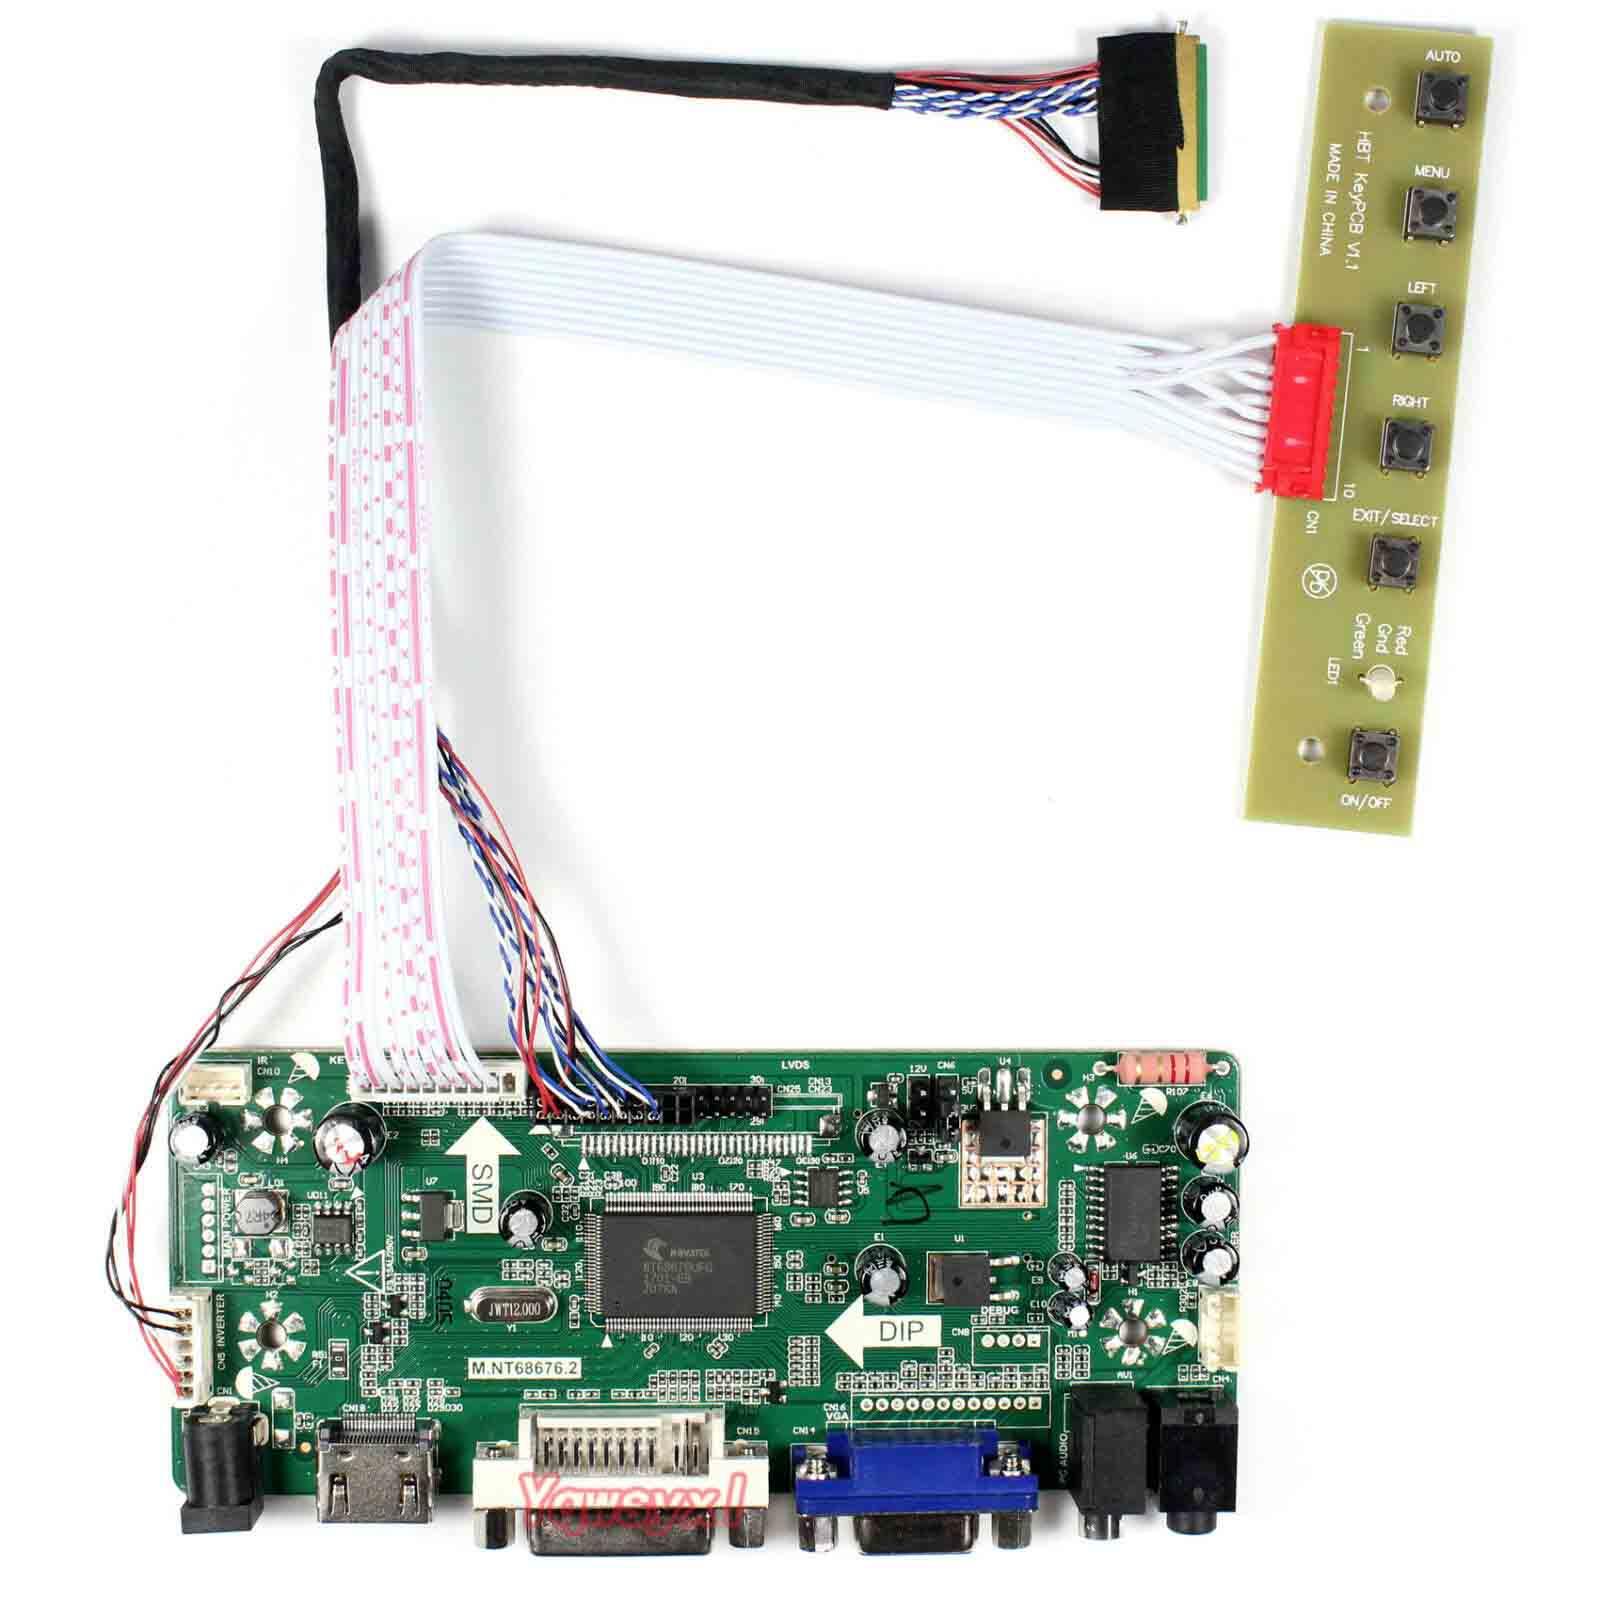 Yqwsyxl Control Board Monitor Kit For N101L6-L0D  N101L6-L02 HDMI+DVI+VGA LCD LED Screen Controller Board Driver